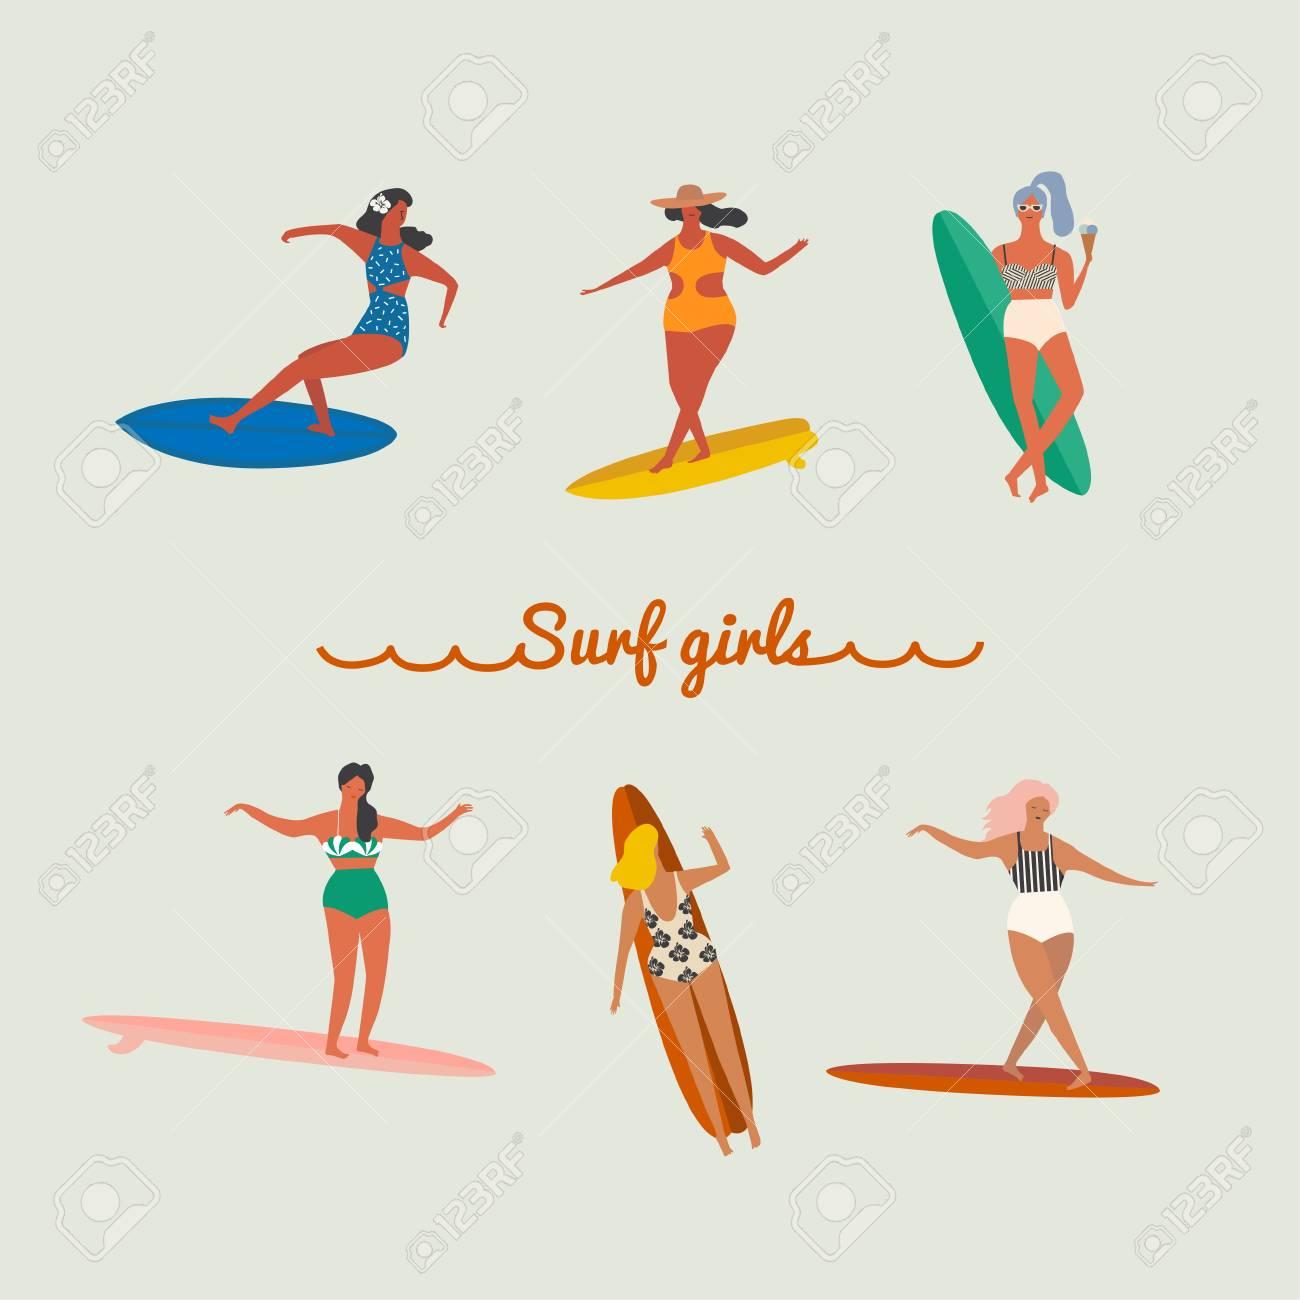 Surfer girls ball kicking | Hot photos)